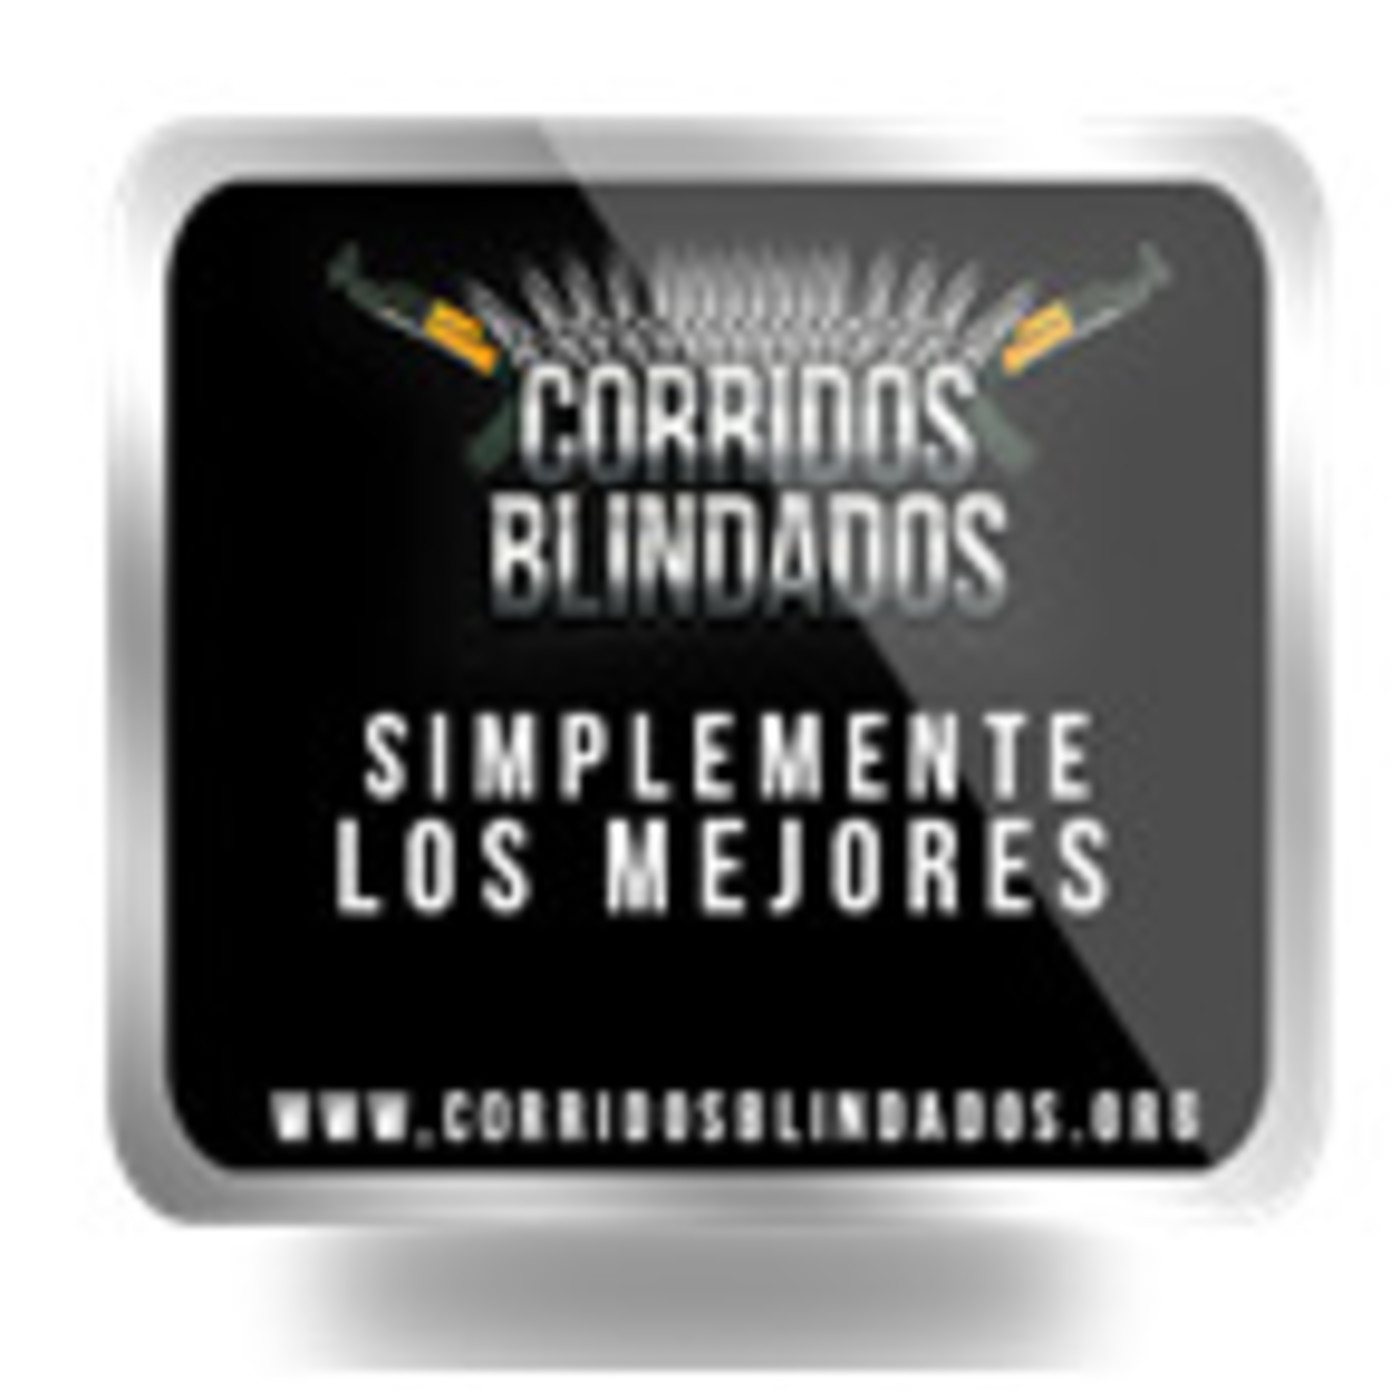 - Corridos Blindados - Narco Corridos Online